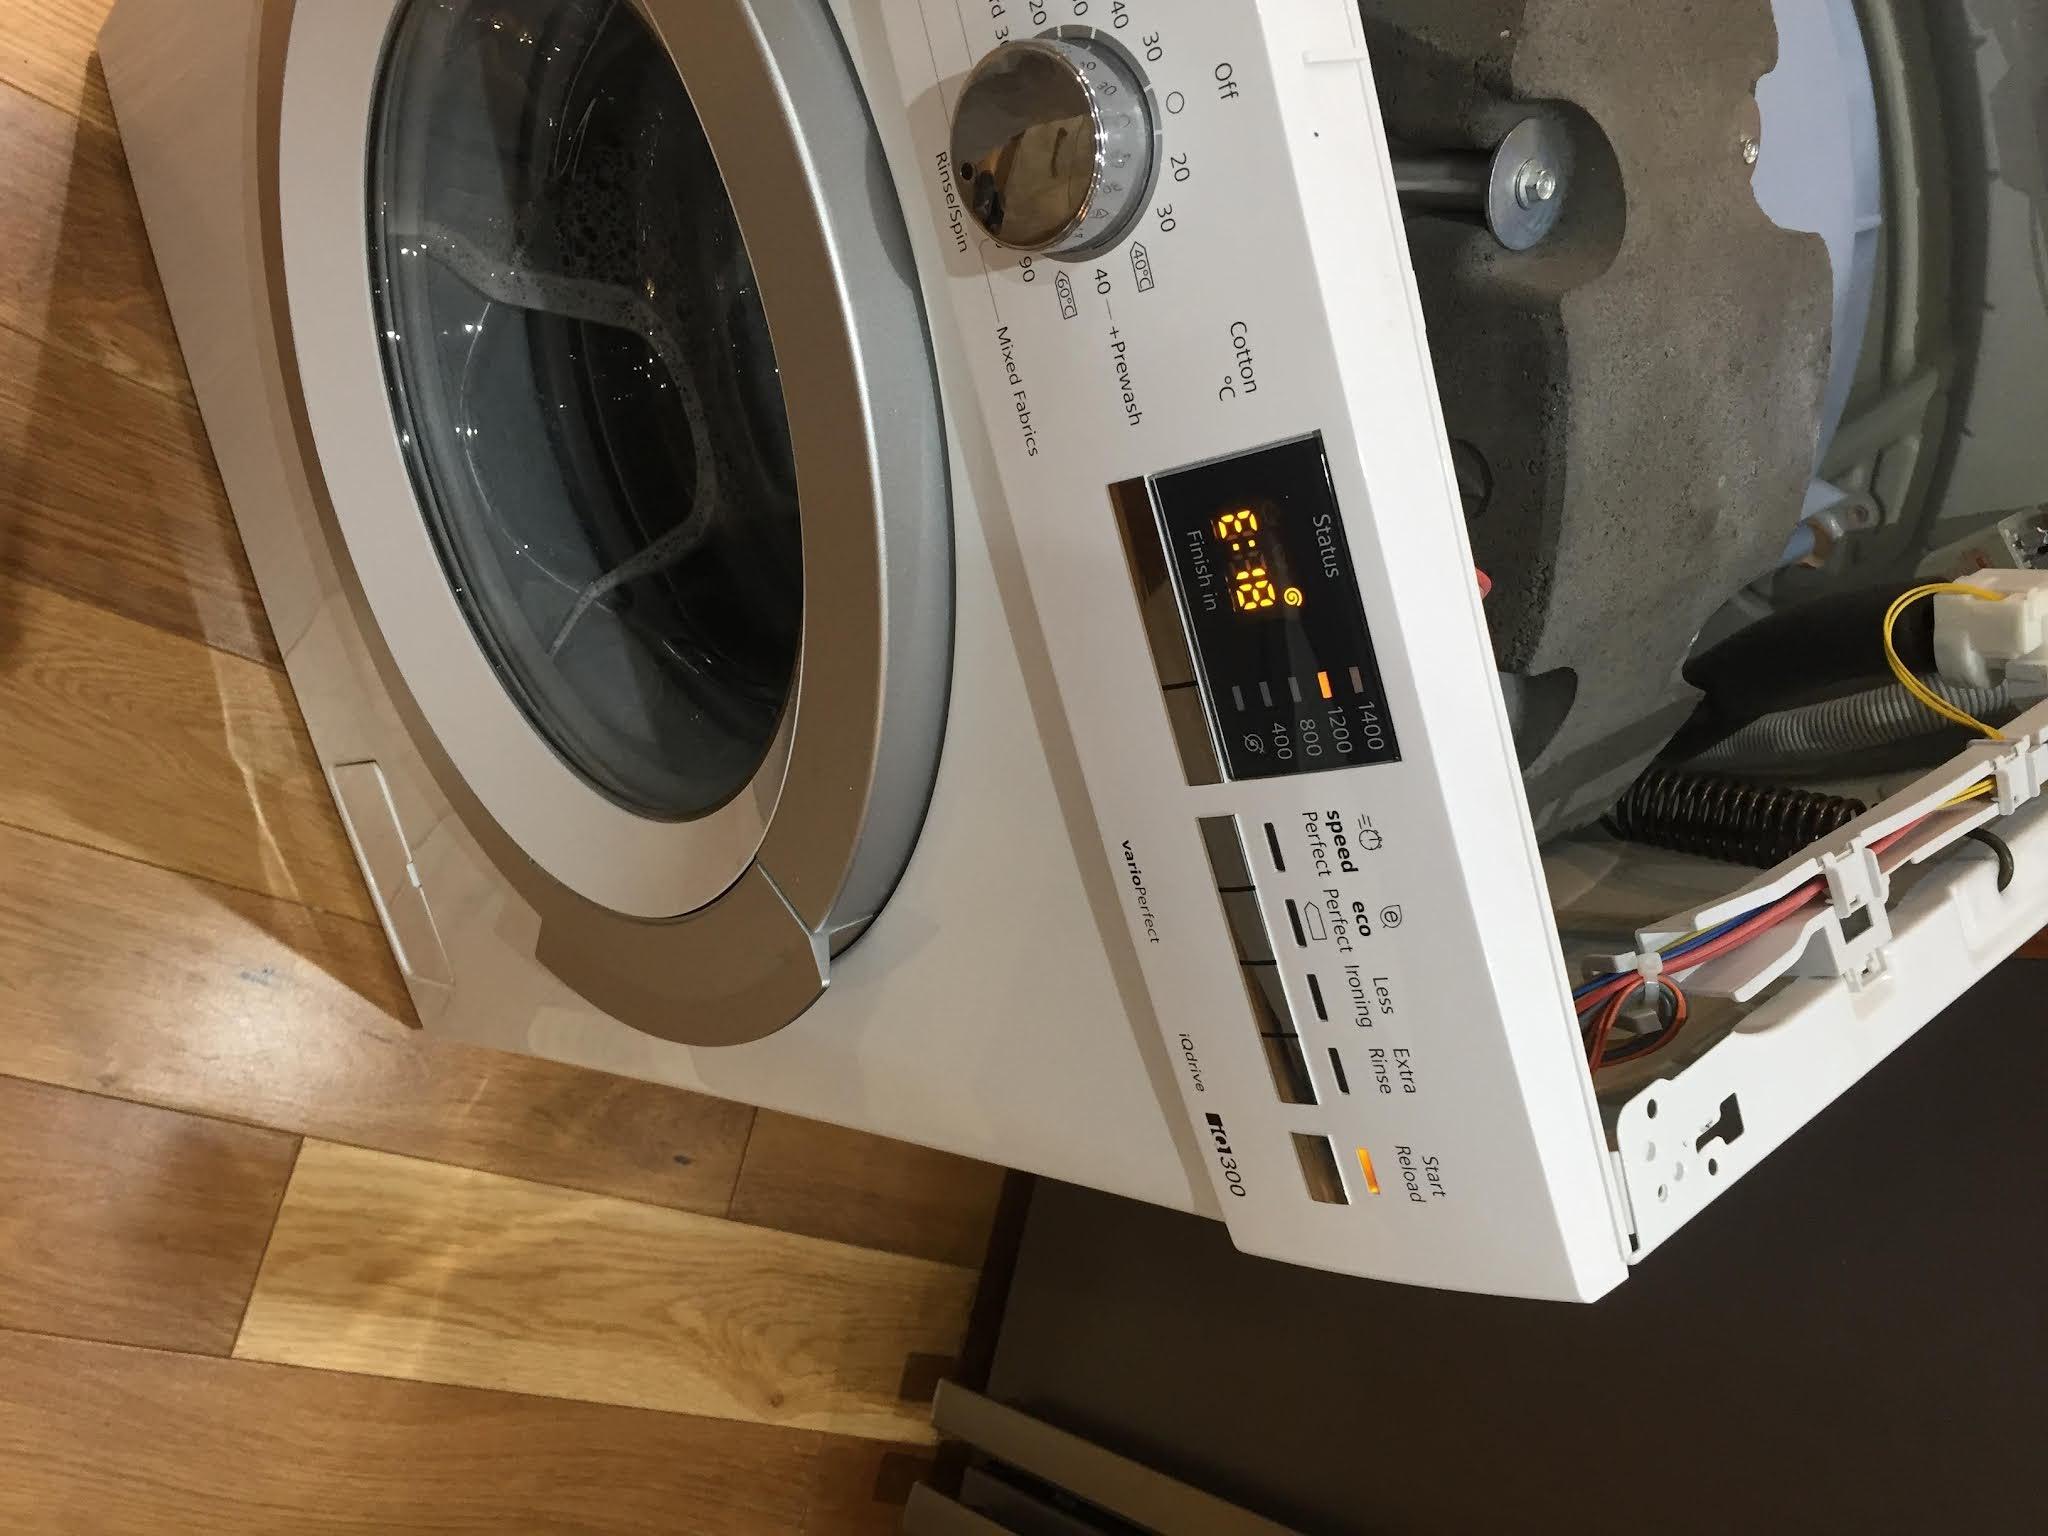 Siemens Waschmaschine Fehlercode E18 - Gelöst